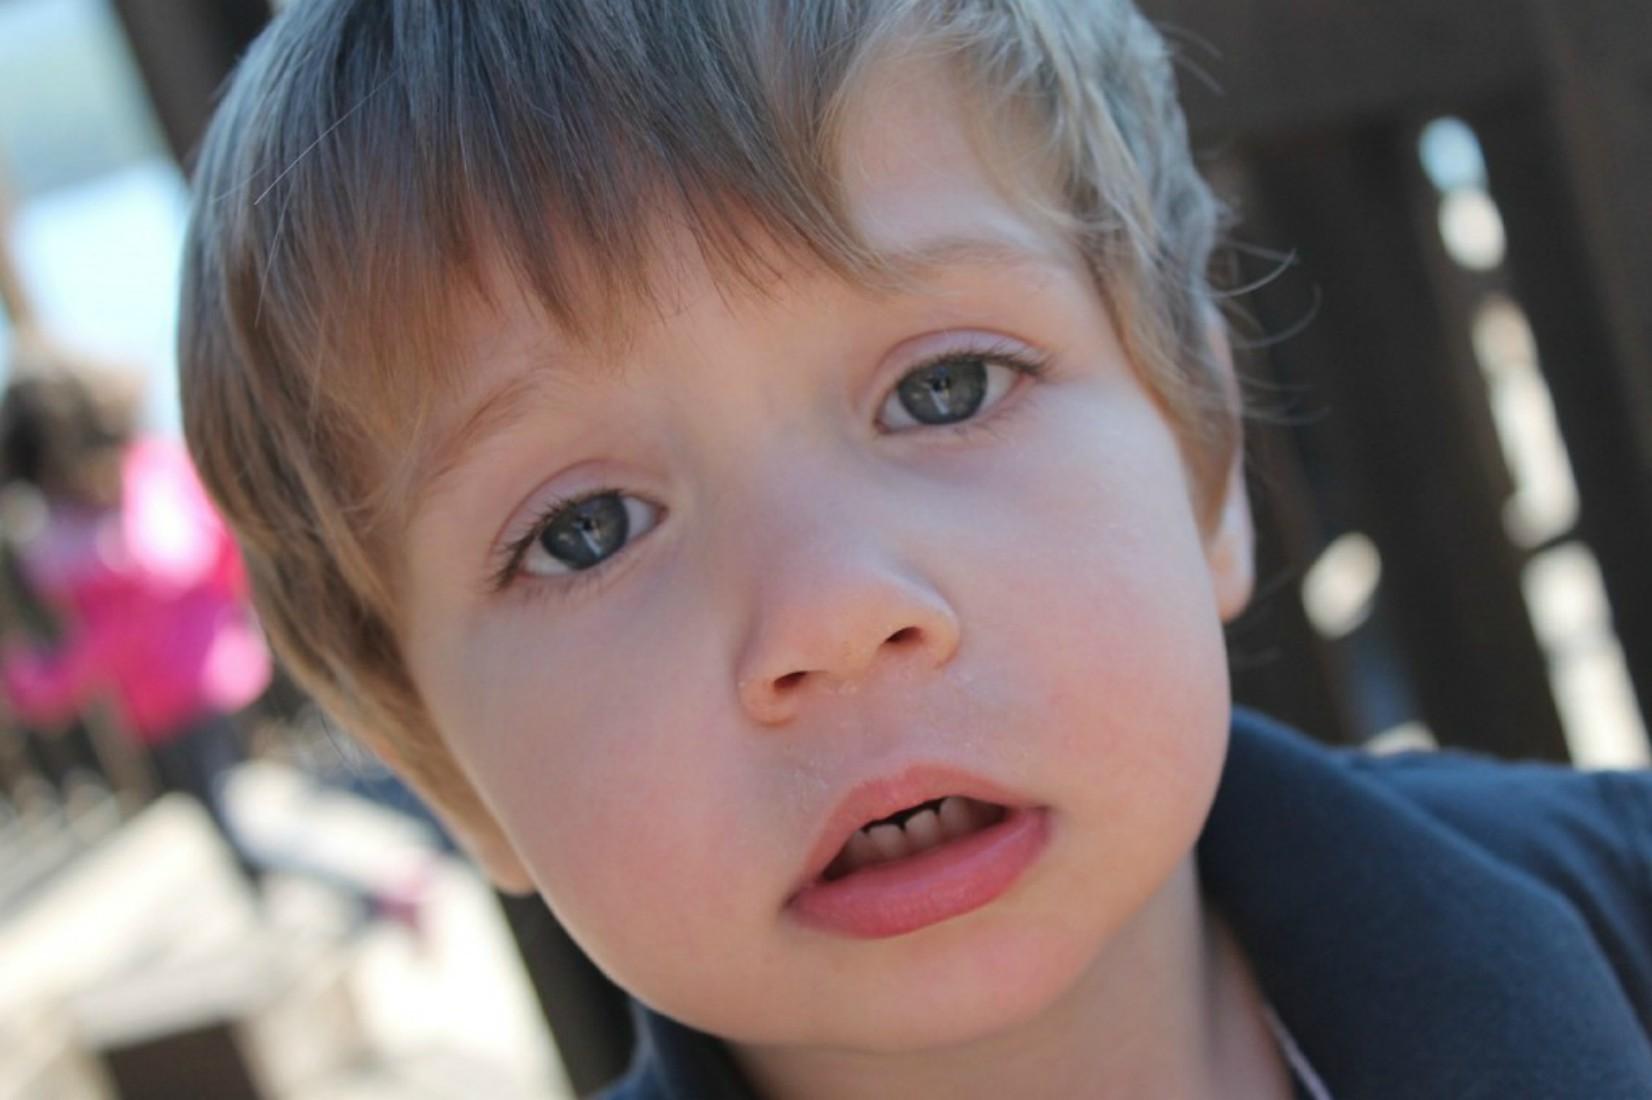 Pet nasvetov kako se z otrokom pogovarjati o grozljivih novicah